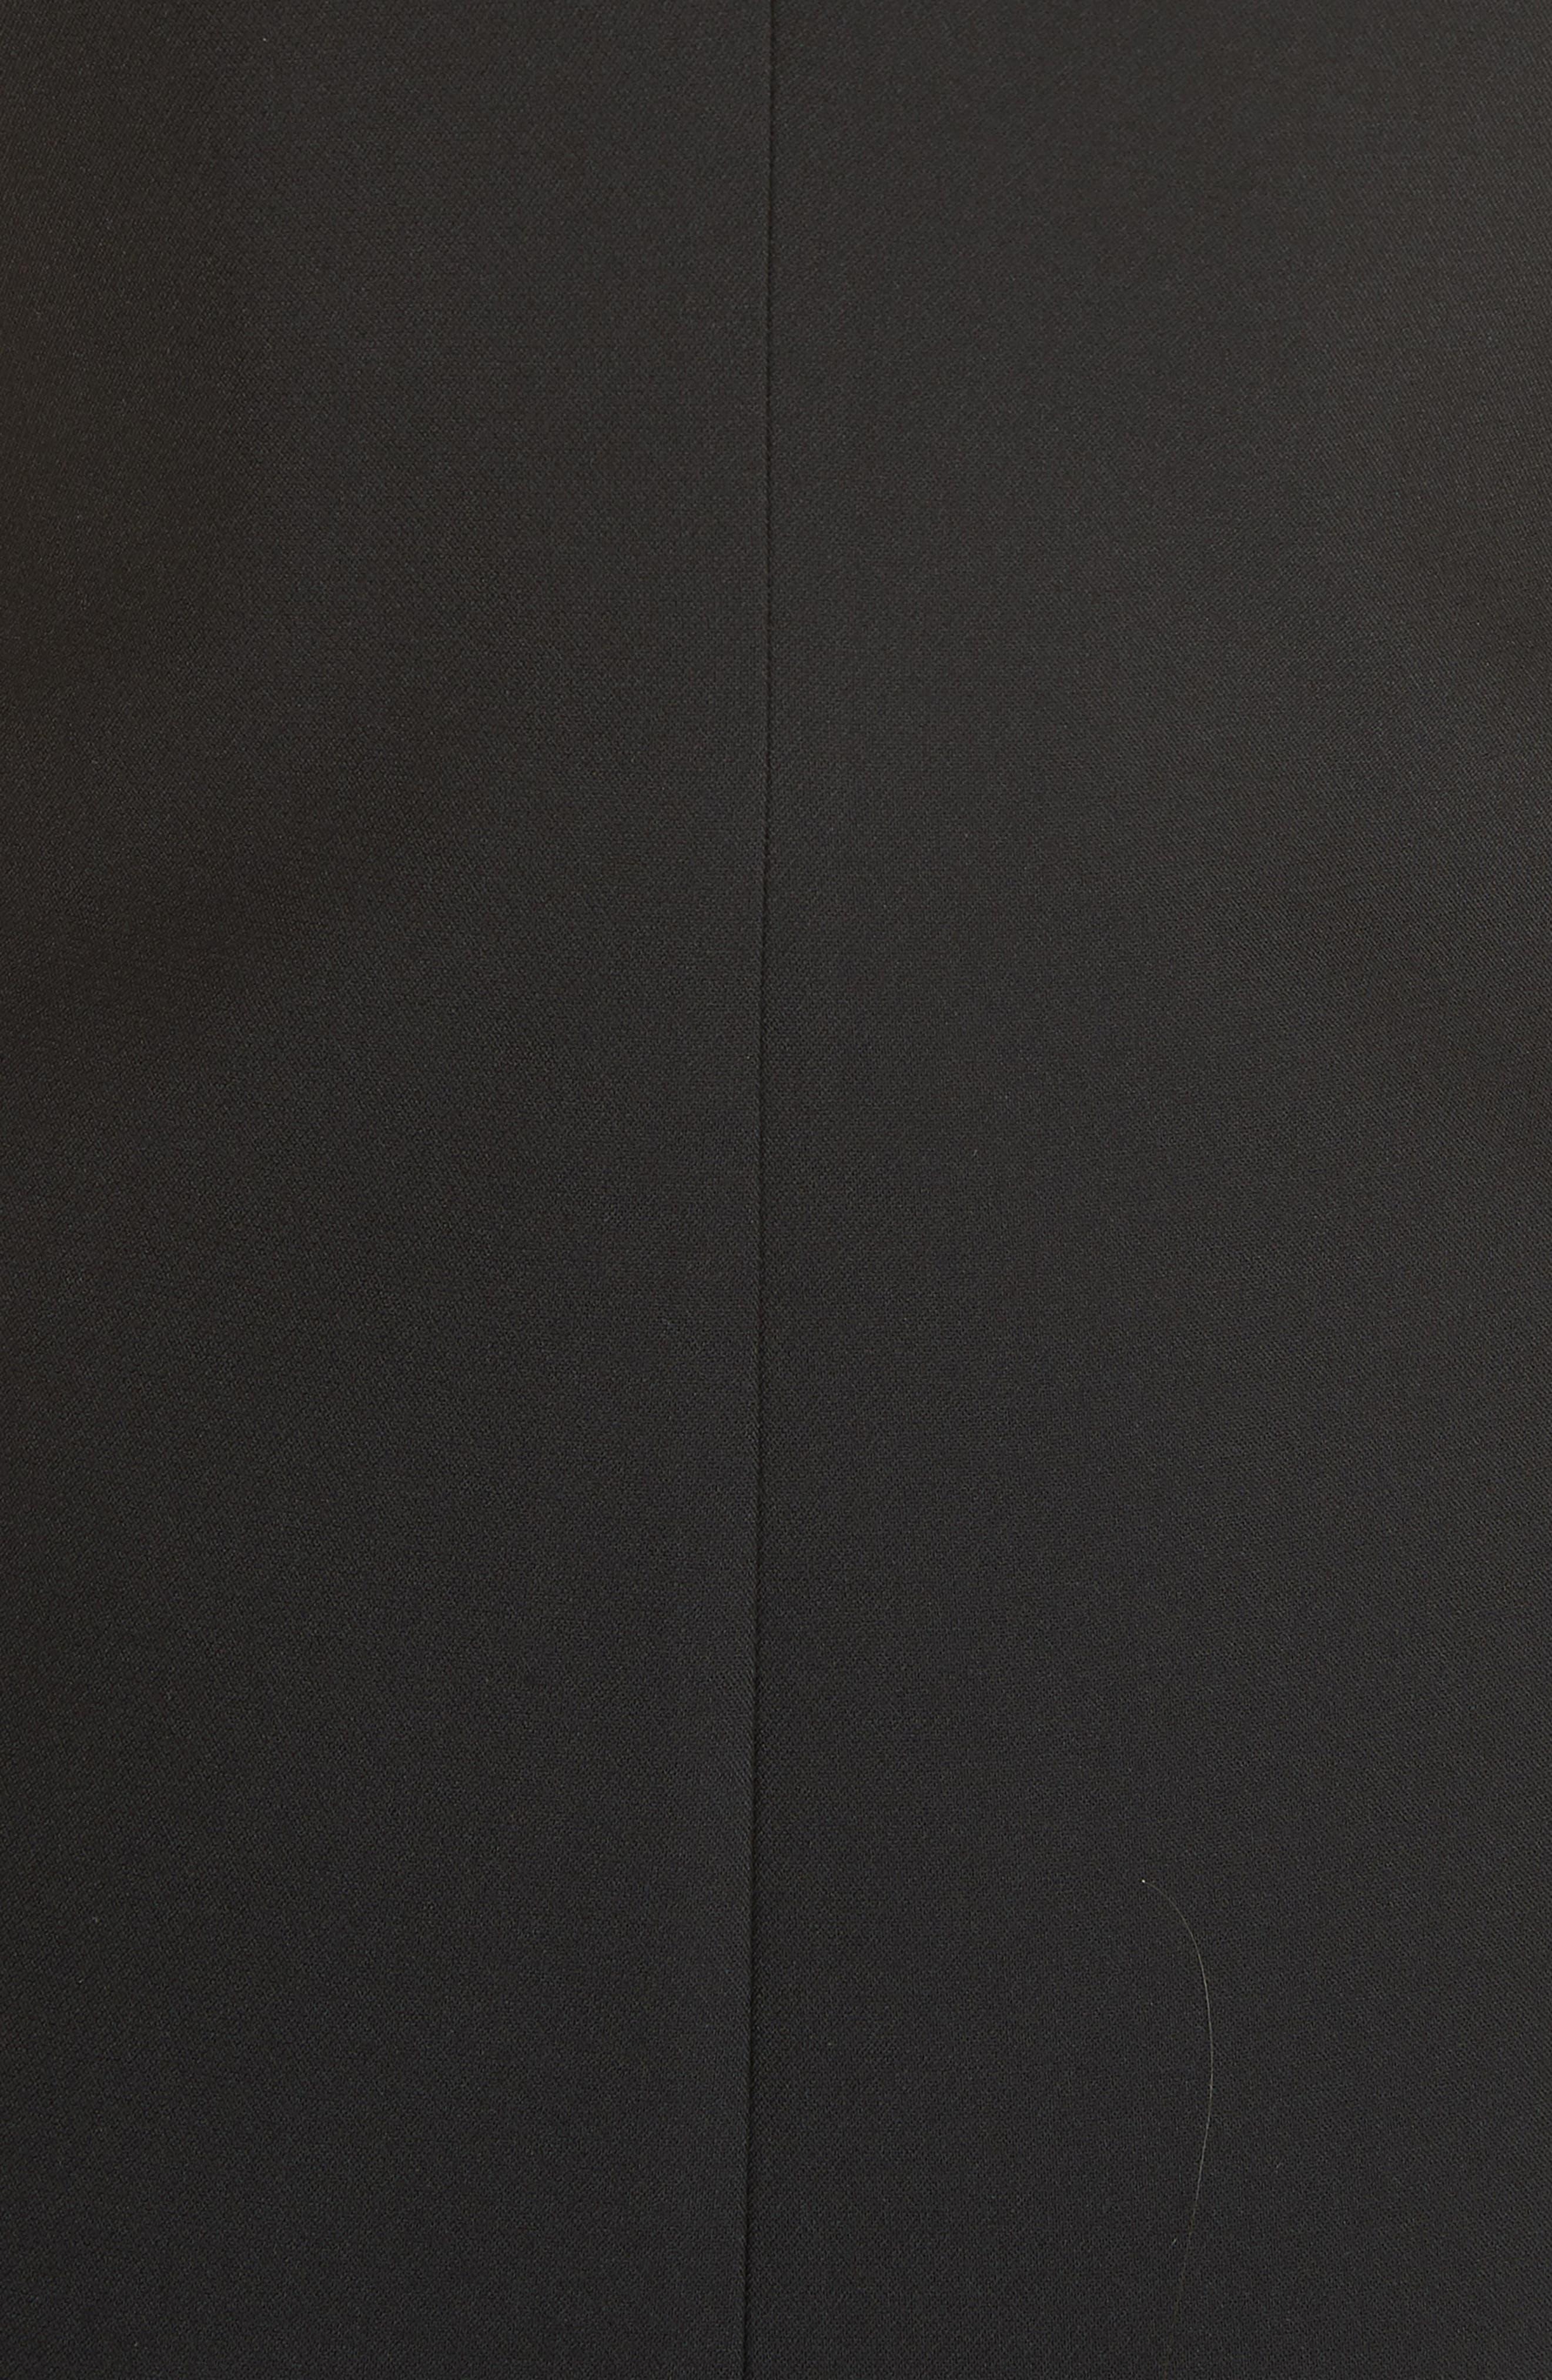 Zip Front A-Line Dress,                             Alternate thumbnail 5, color,                             Black